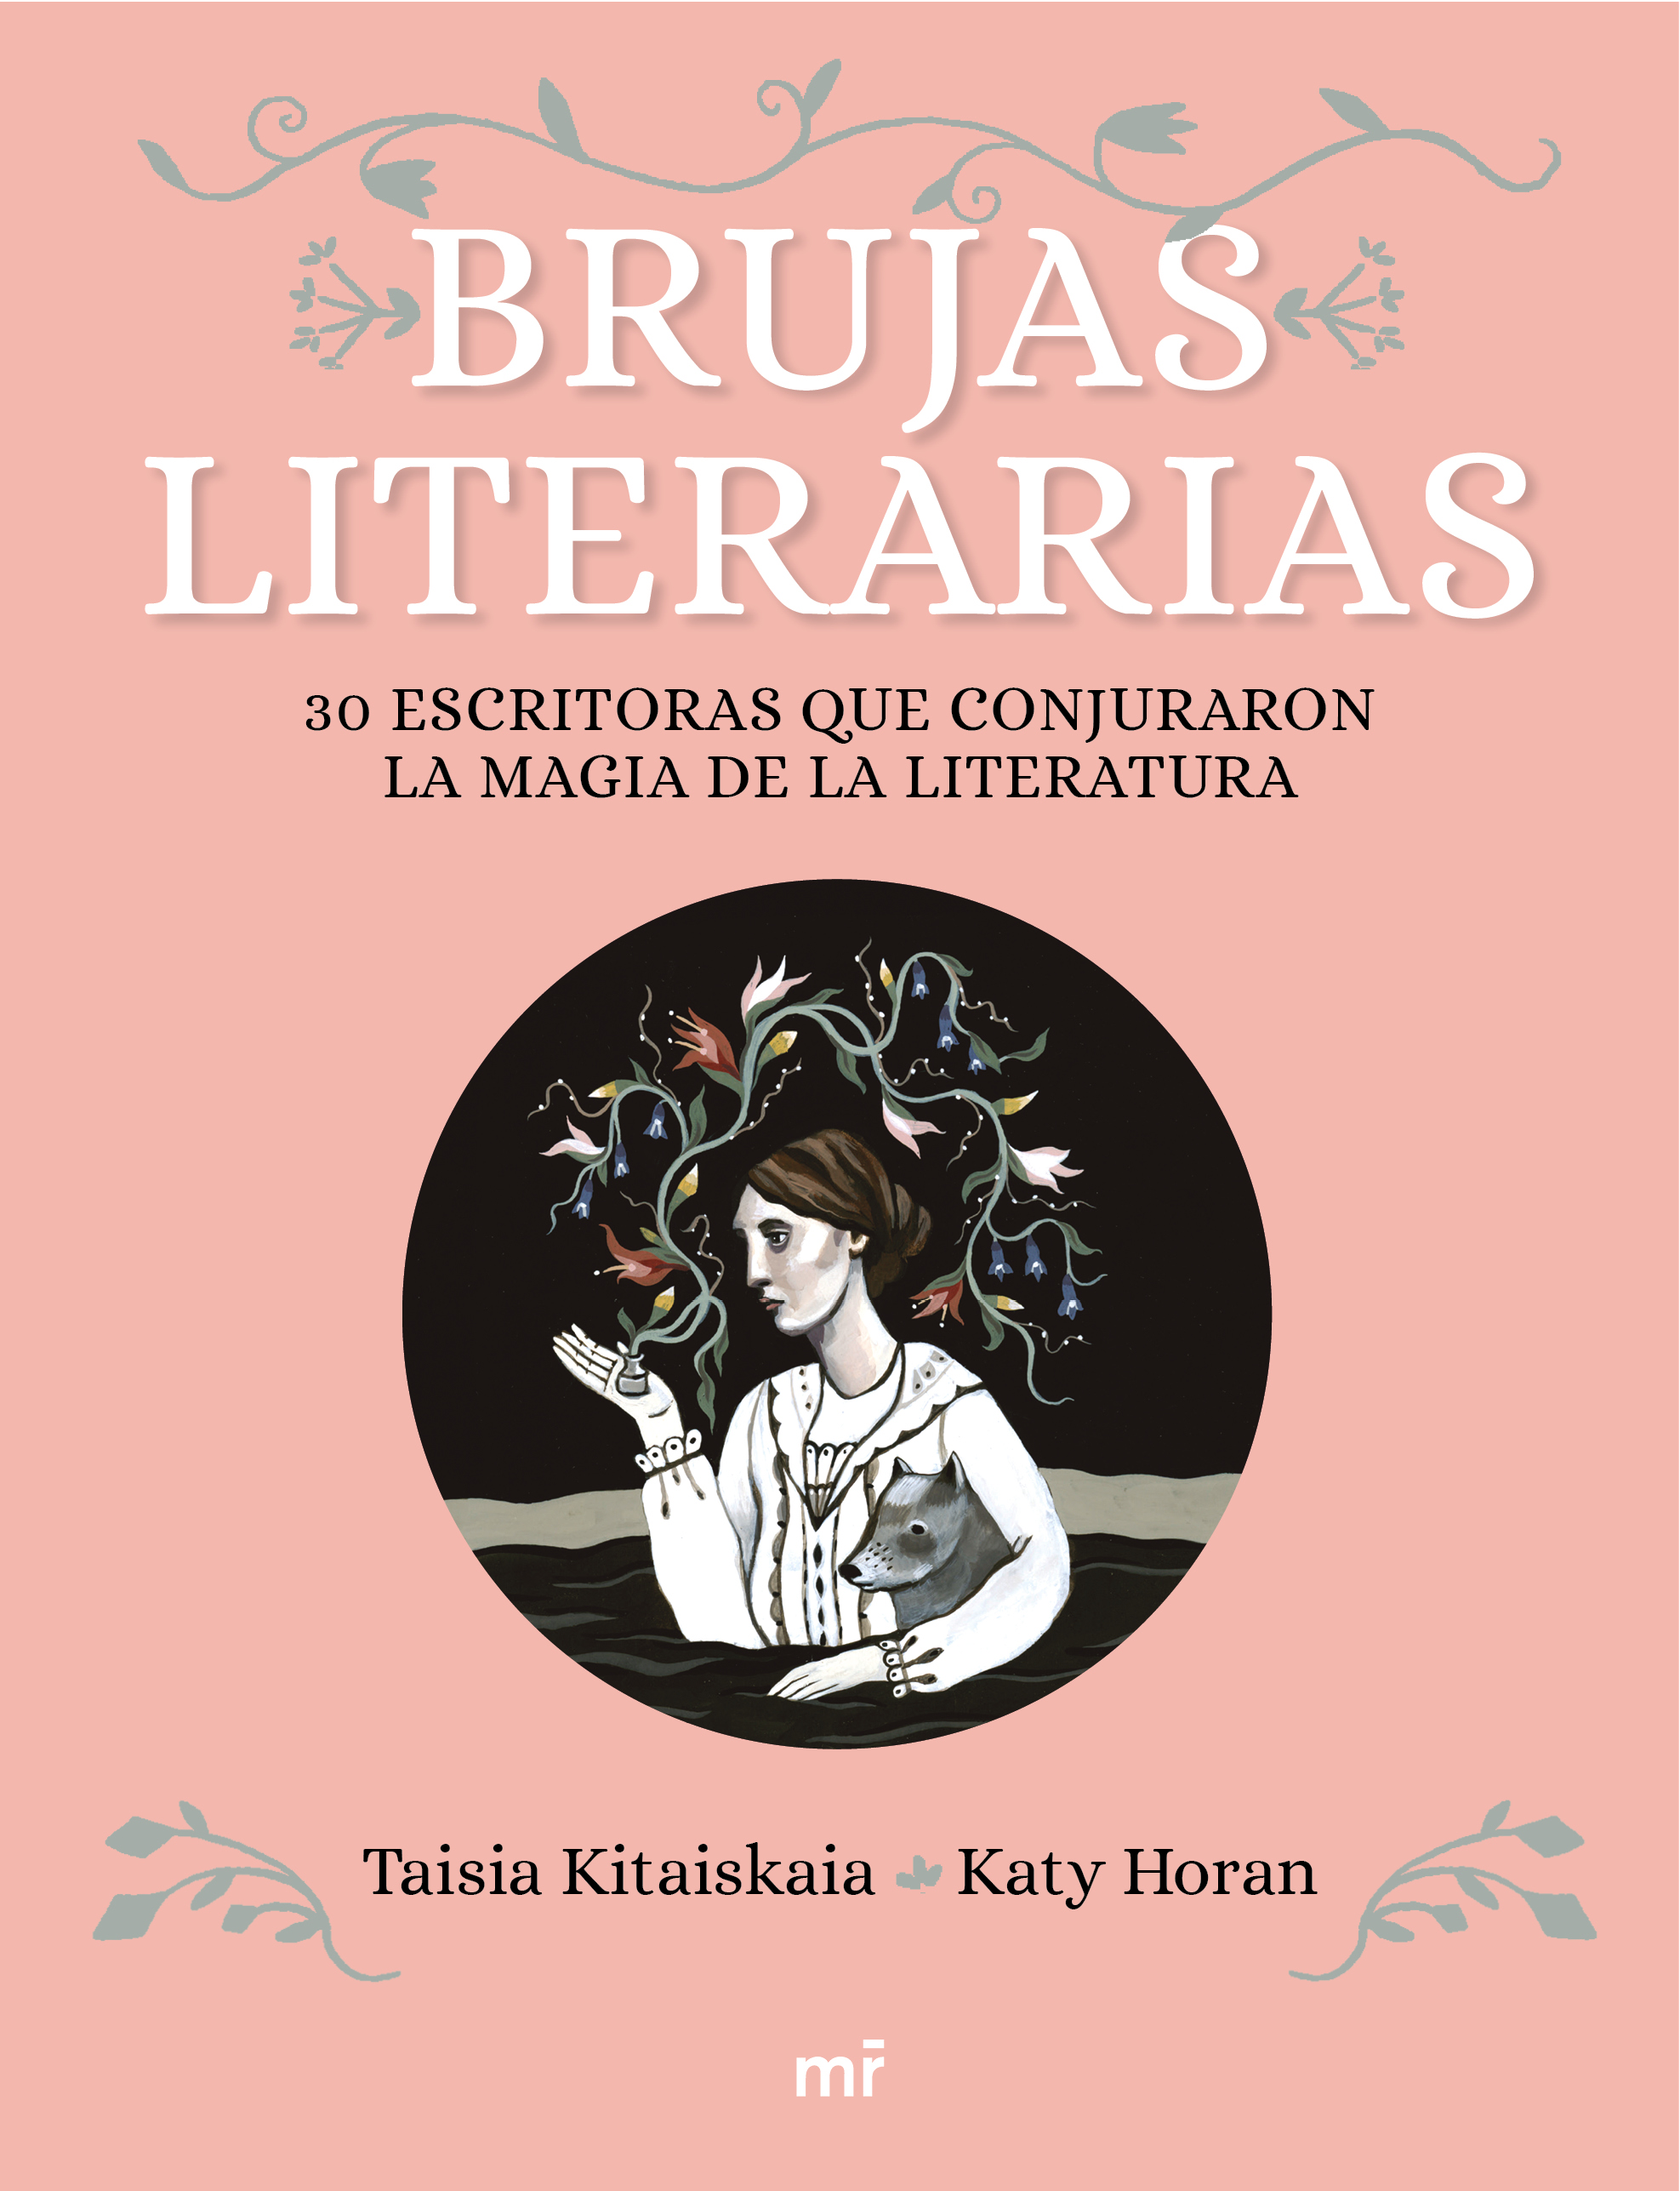 Brujas Literarias: Spain